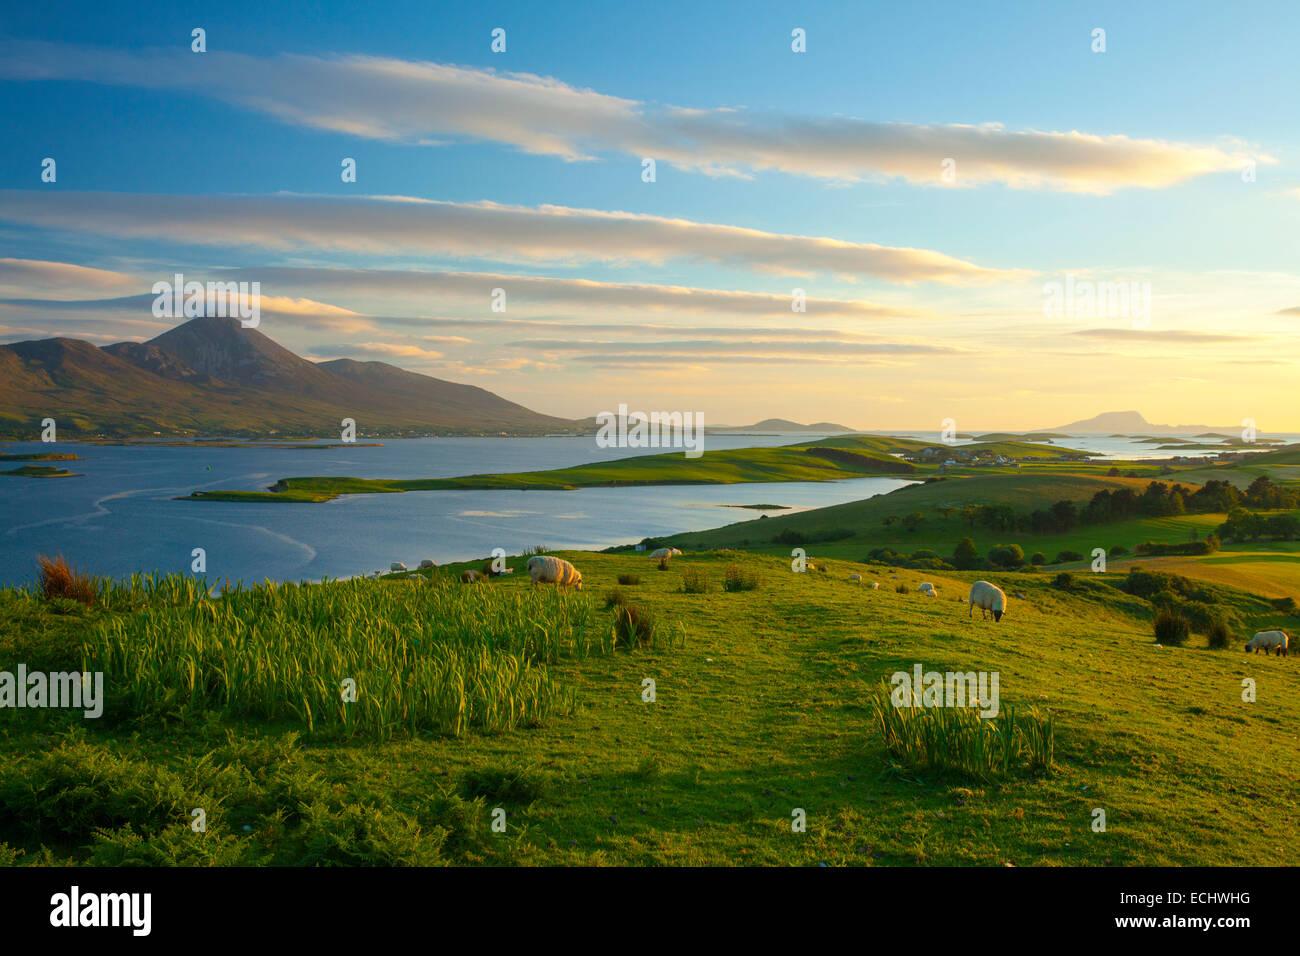 Le pâturage des moutons sous le mont Croagh Patrick sur la rive de Clew Bay, comté de Mayo, Irlande. Photo Stock